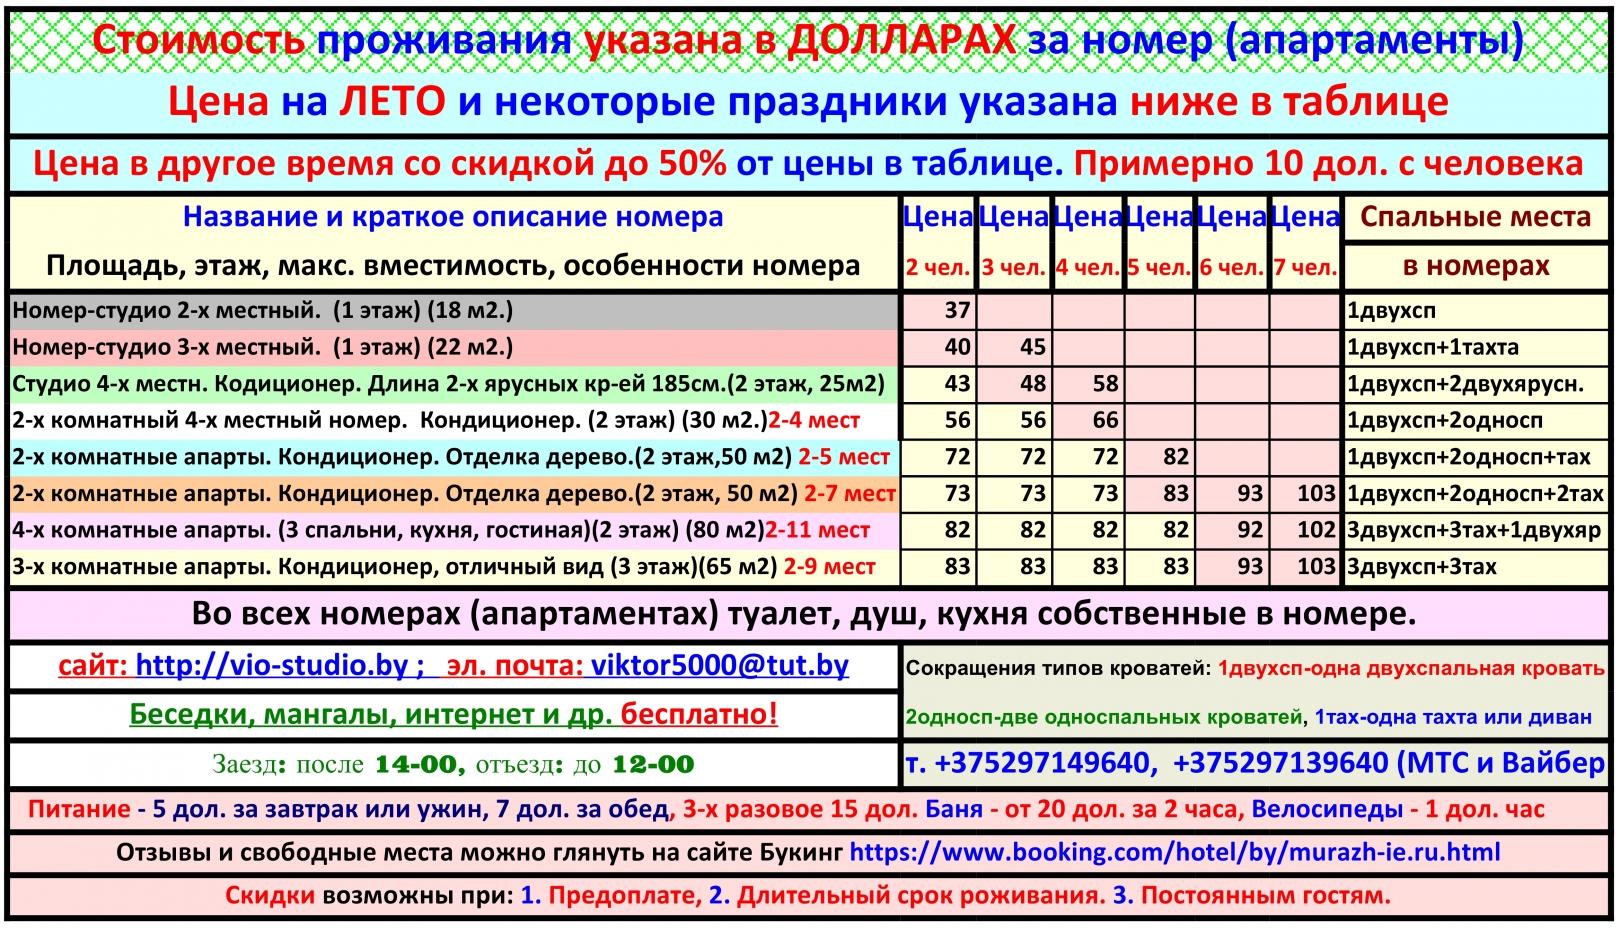 %d1%86%d0%b5%d0%bd%d1%8b-%d0%b1%d0%b5%d0%b7-%d0%bd%d0%b3-%d0%be%d0%b1%d1%80%d0%b5%d0%b7